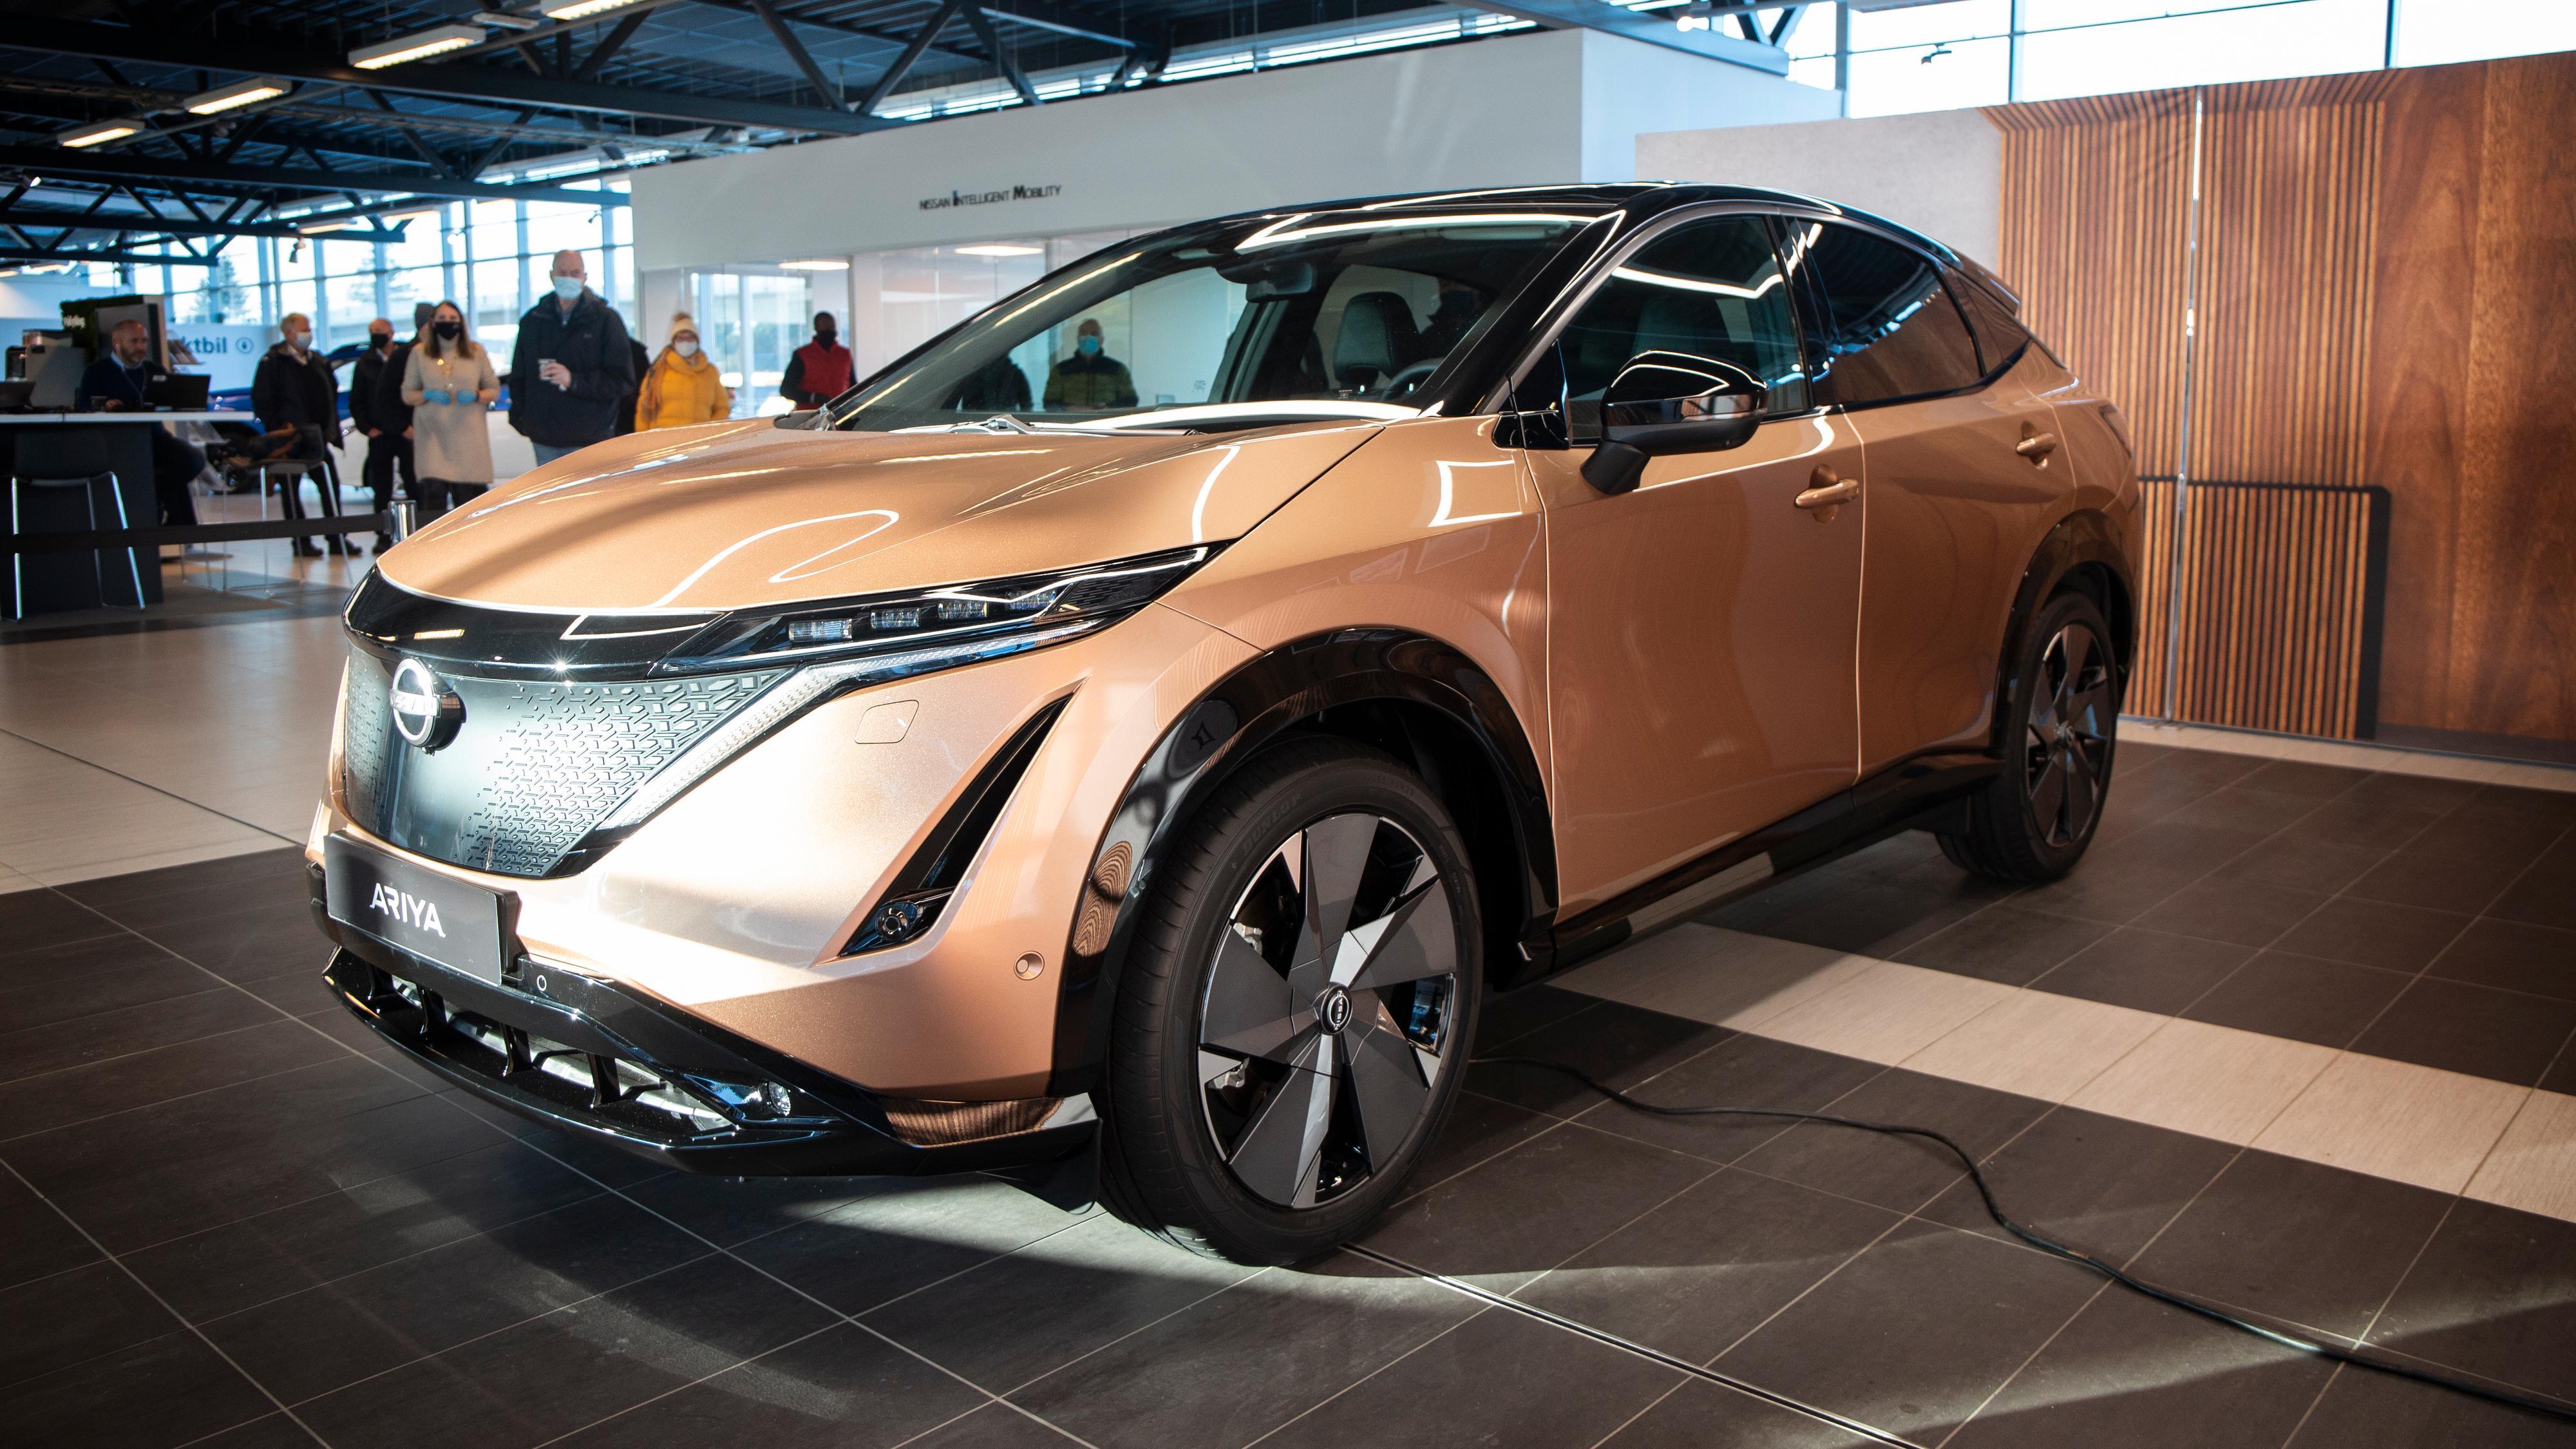 Starter straks forhåndssalget av Nissan Ariya i Norge